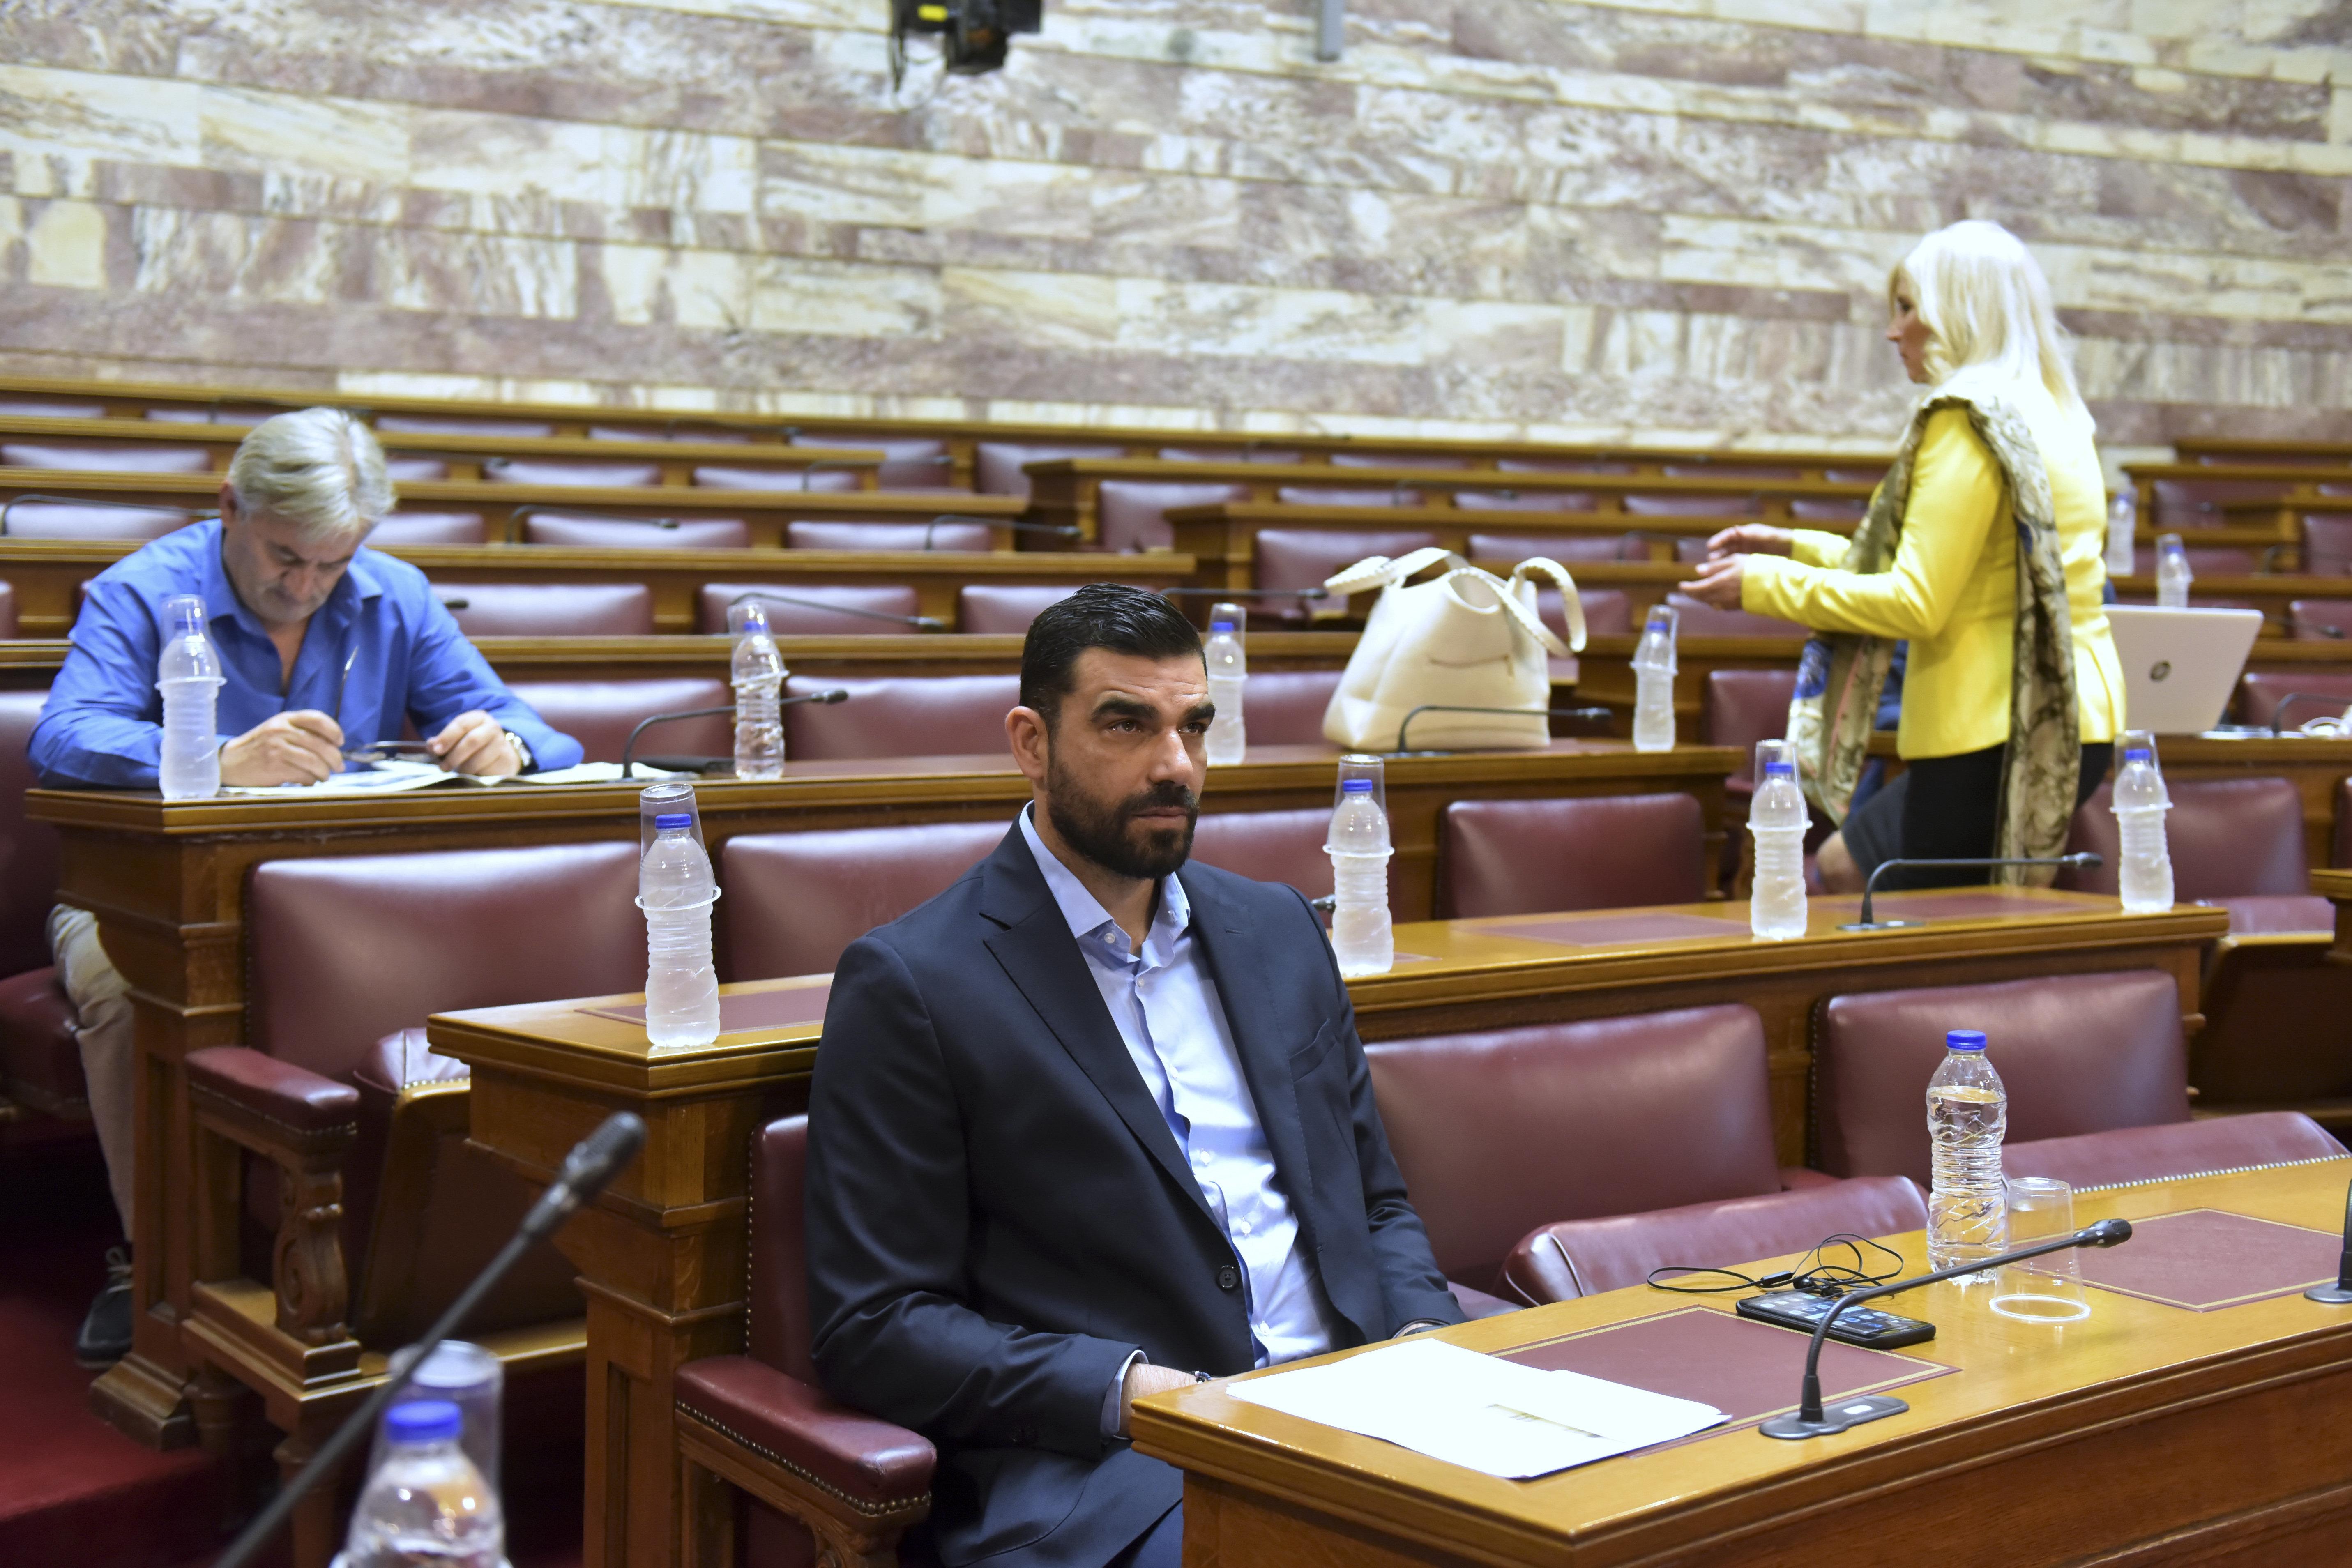 Στην Καλαμάτα ο αρχηγός της ΕΛ.ΑΣ. για την επίθεση στον Κωνσταντινέα